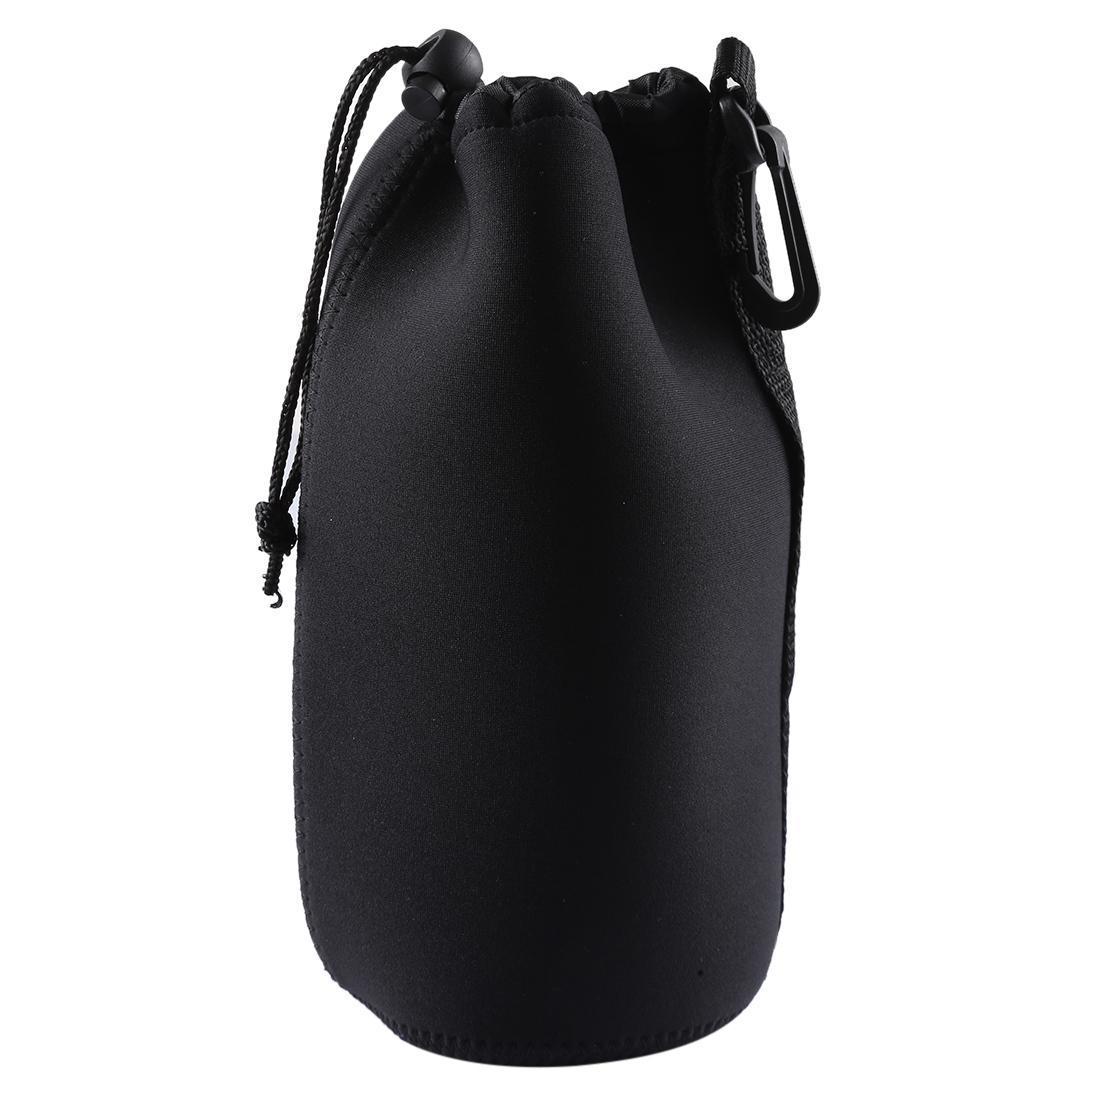 Fengling Neopren-SLR-Kamera-Objektiv Tragetasche Tasche Tasche mit Karabinergröße 10x22cm